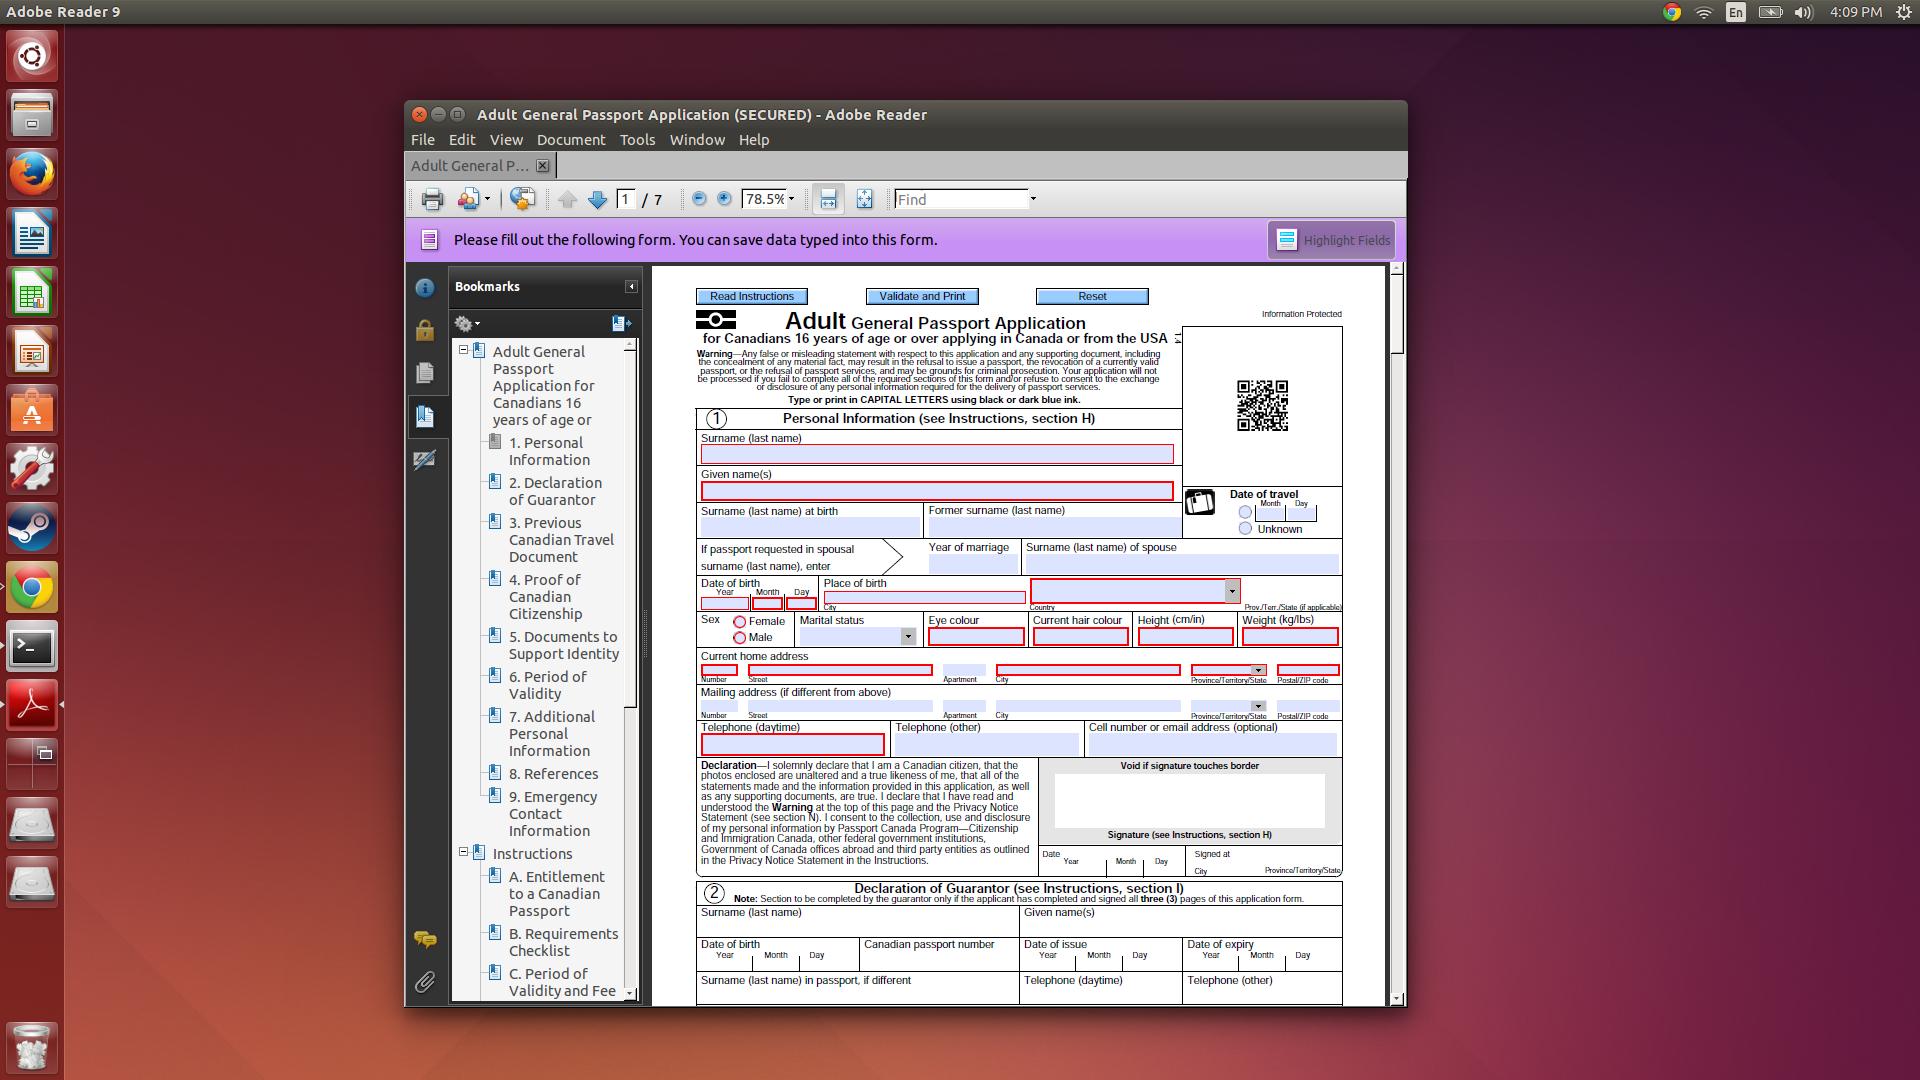 R.I.P. Reader: Examining Adobe's history of disdain towards Linux users | PCWorld